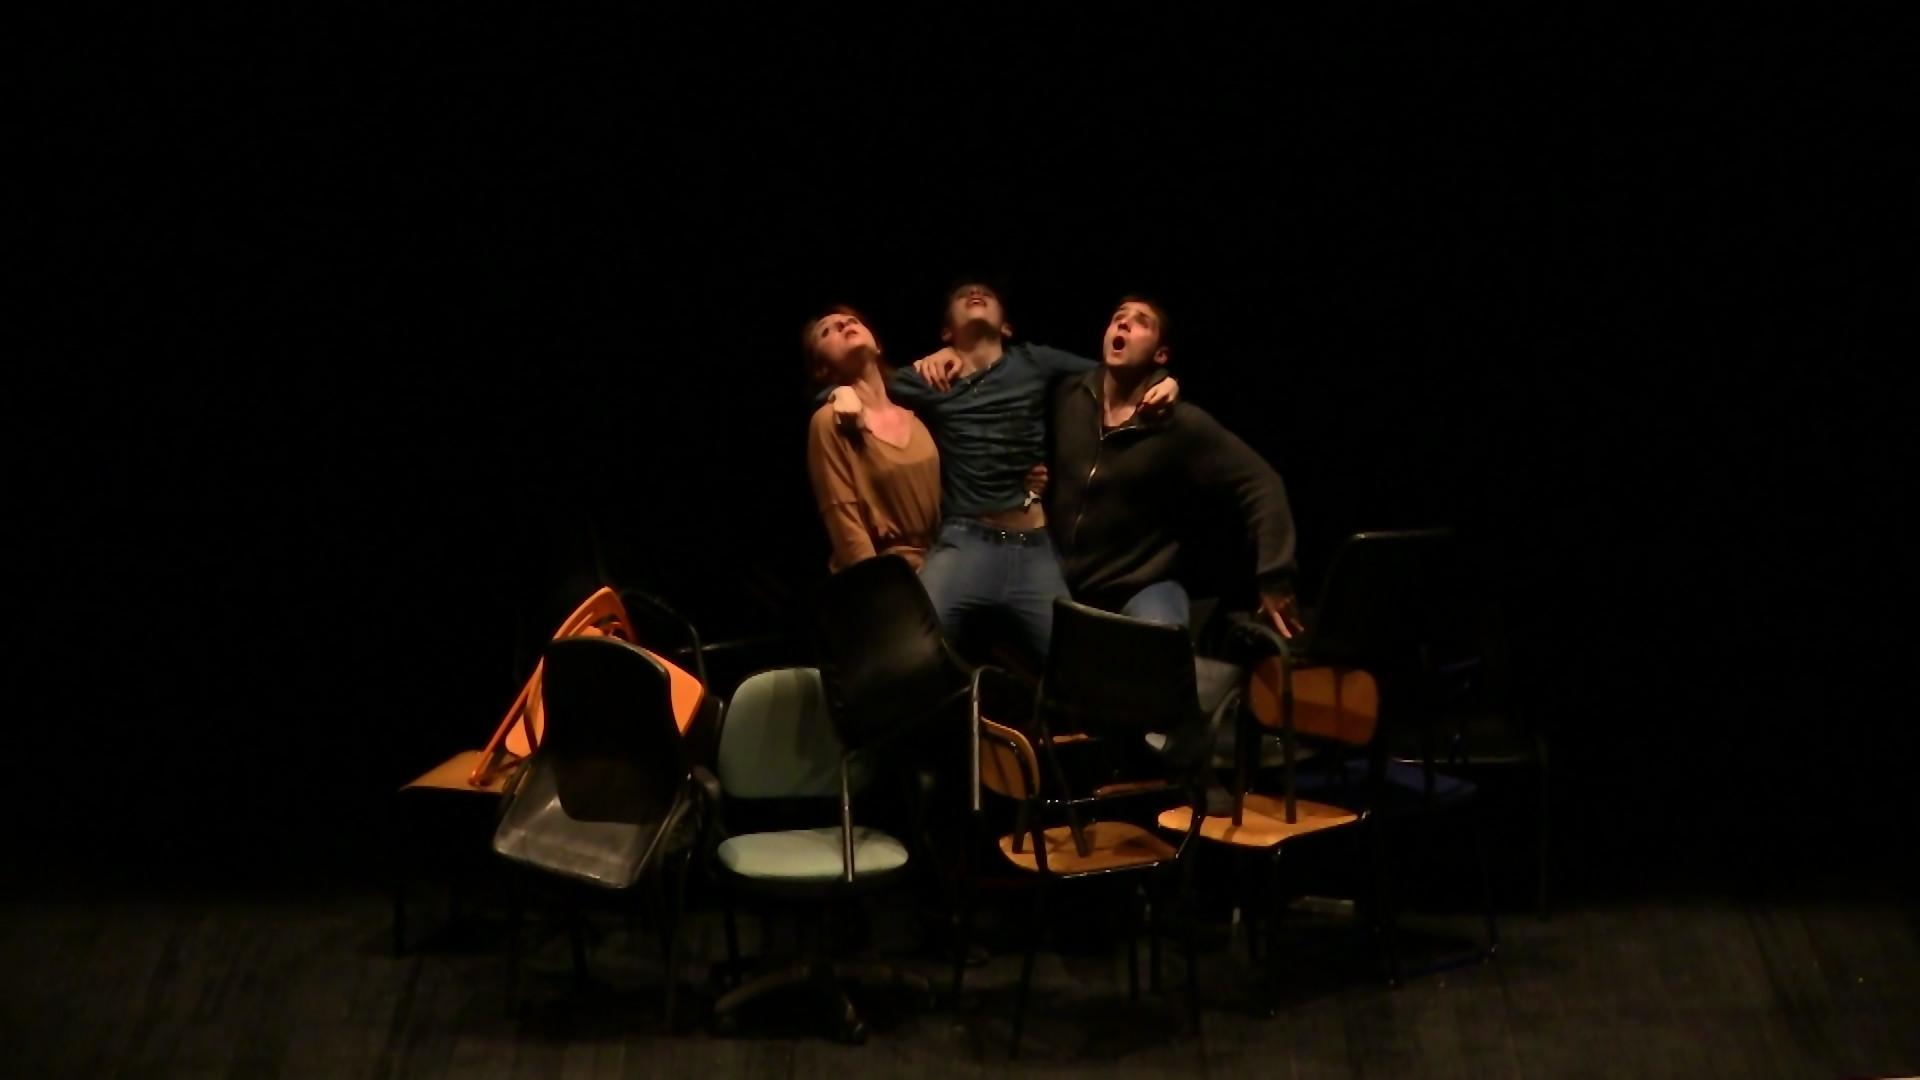 tre spettacolo teatrale